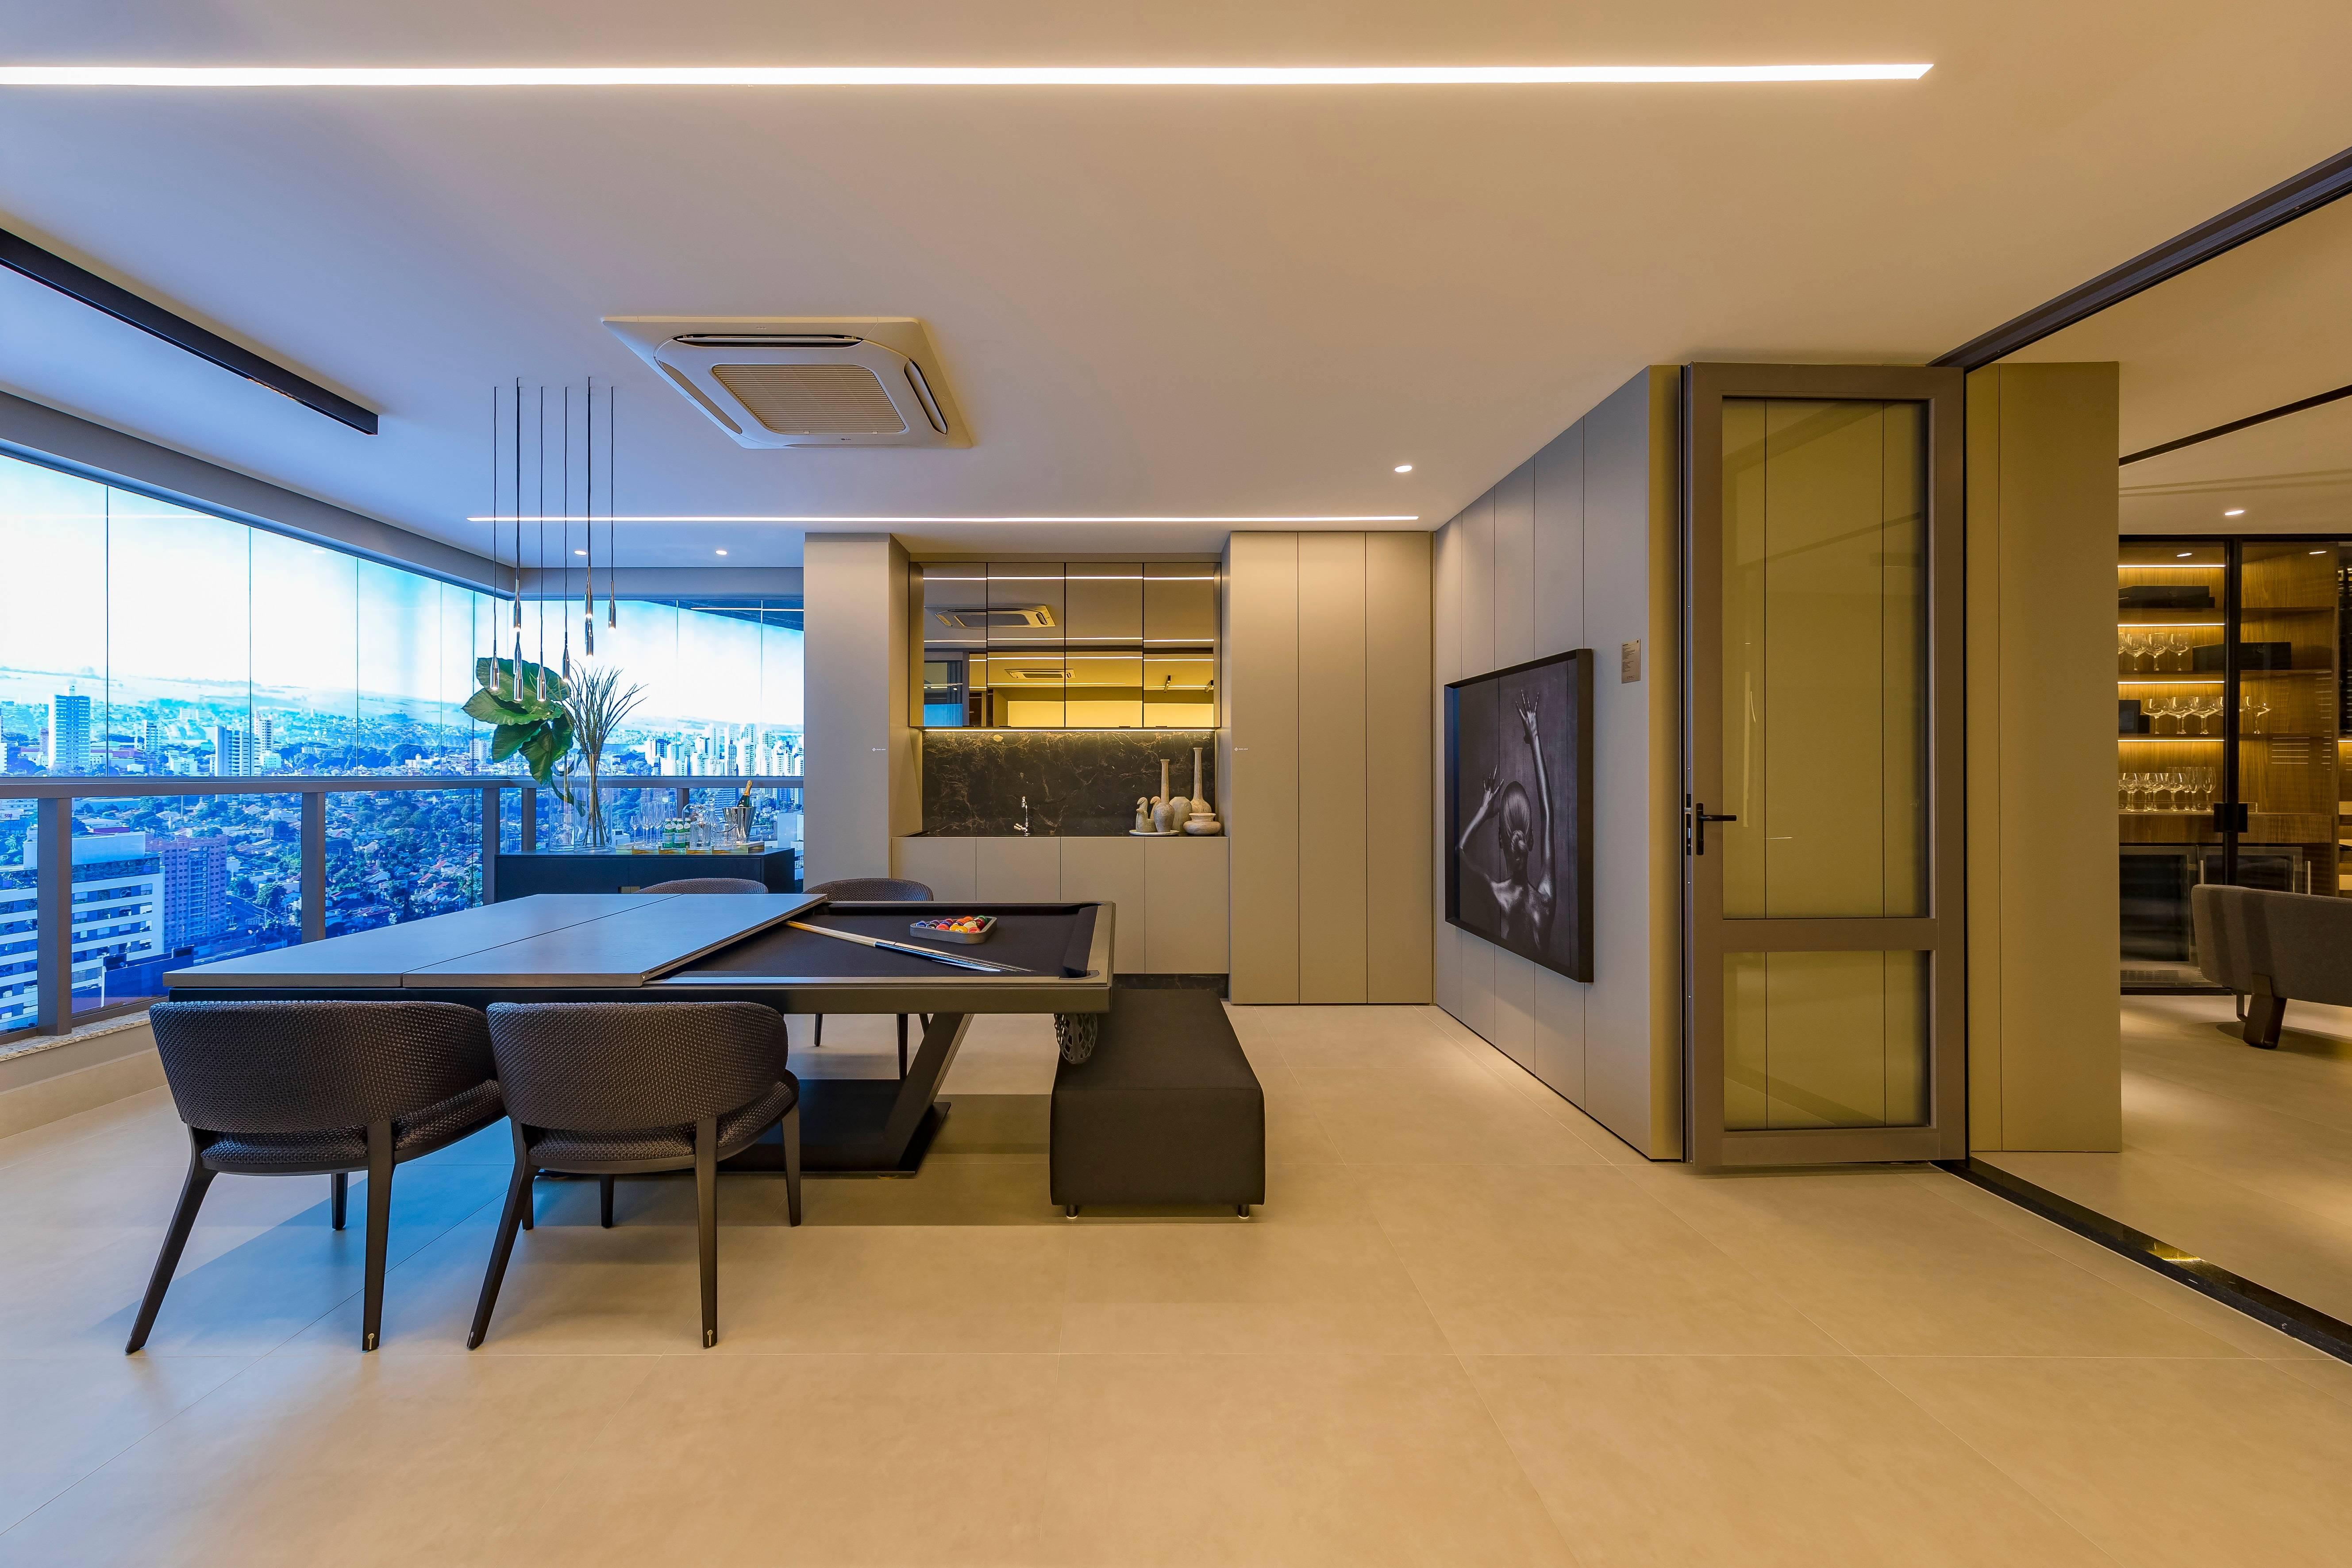 Apartamento decorado do Epic. Foto: Ronaldo Ronan Rufino/Divulgação